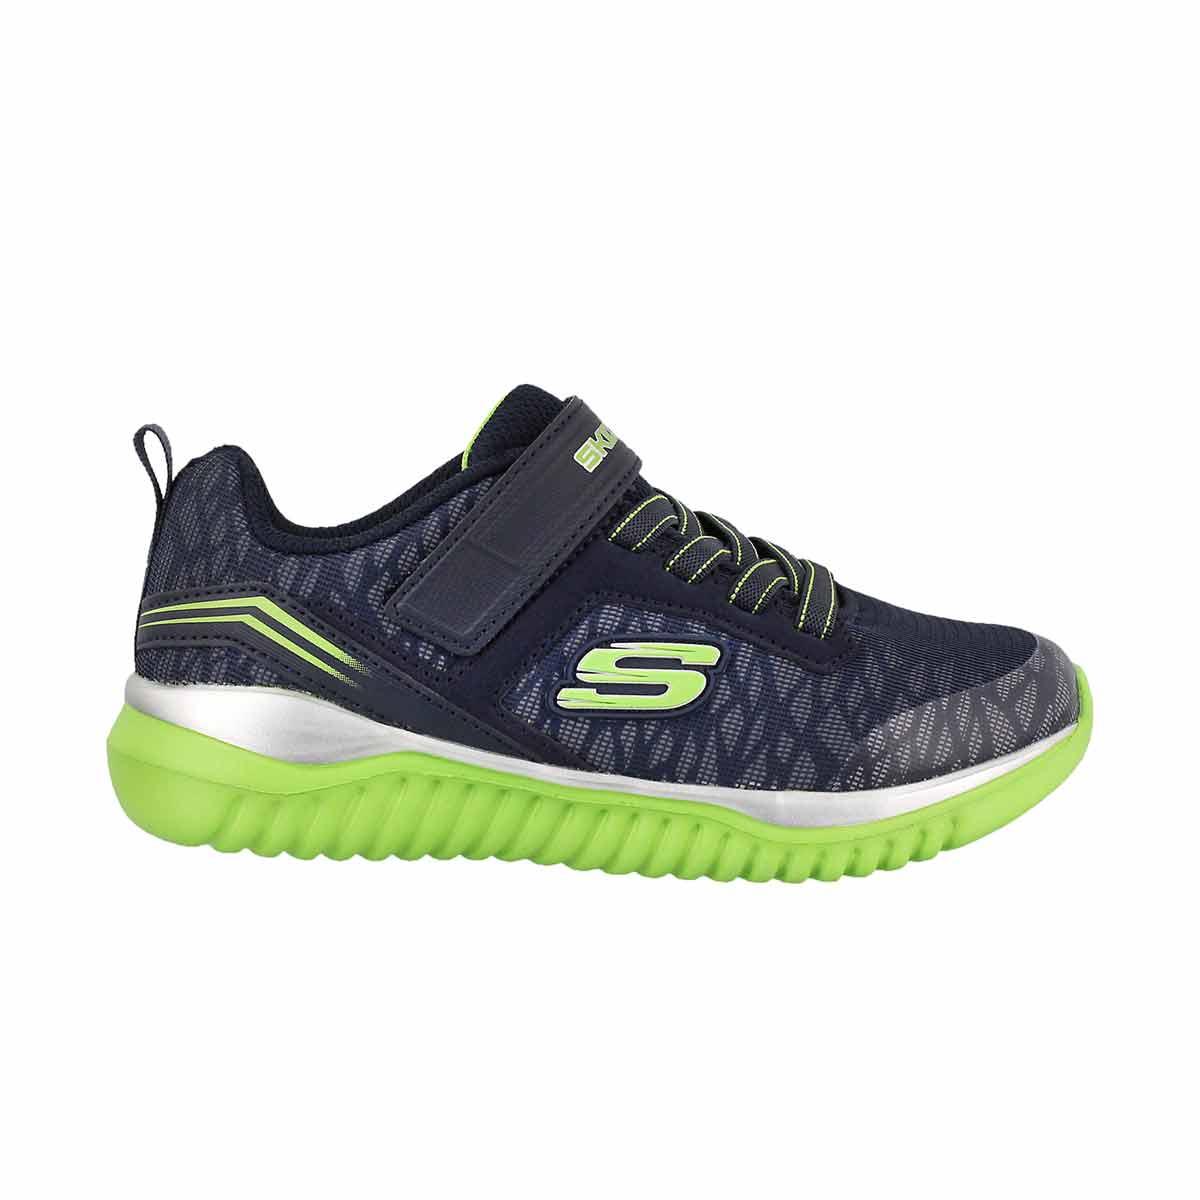 Bys Turboshift navy/lime sneaker